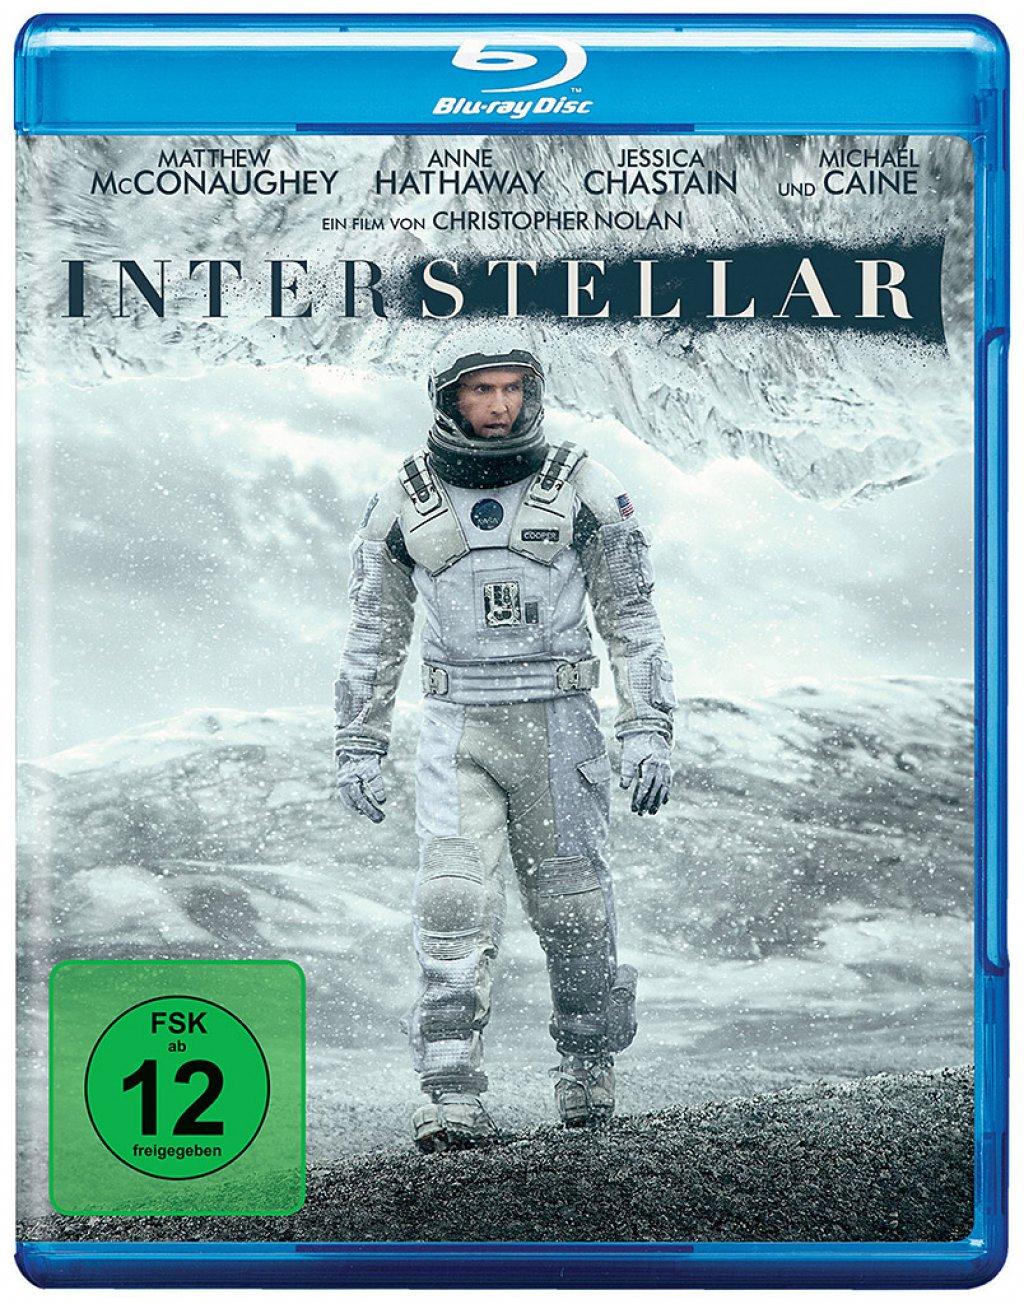 Interstellar (Blu-ray) für 3,87€ (Dodax)